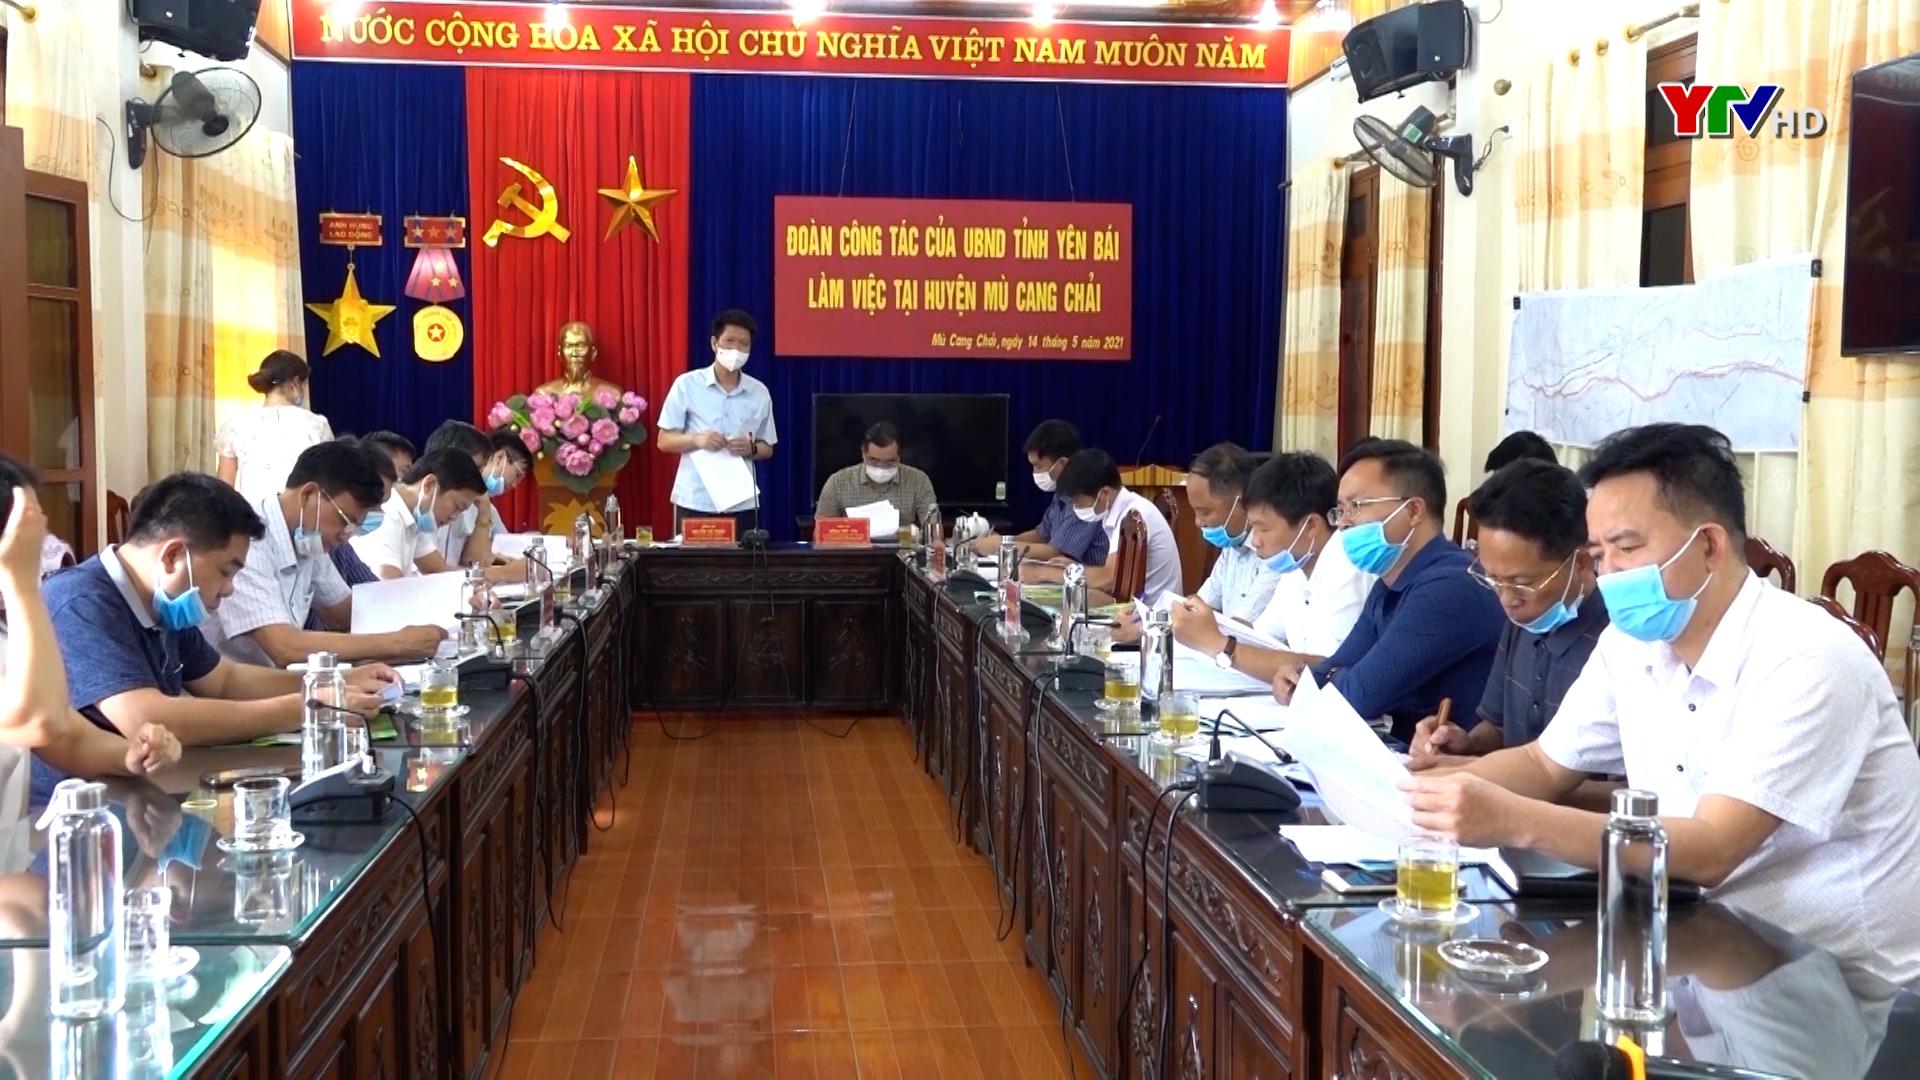 Đồng chí Nguyễn Thế Phước - Phó Chủ tịch Thường trực UBND tỉnh làm việc tại huyện Mù Cang Chải